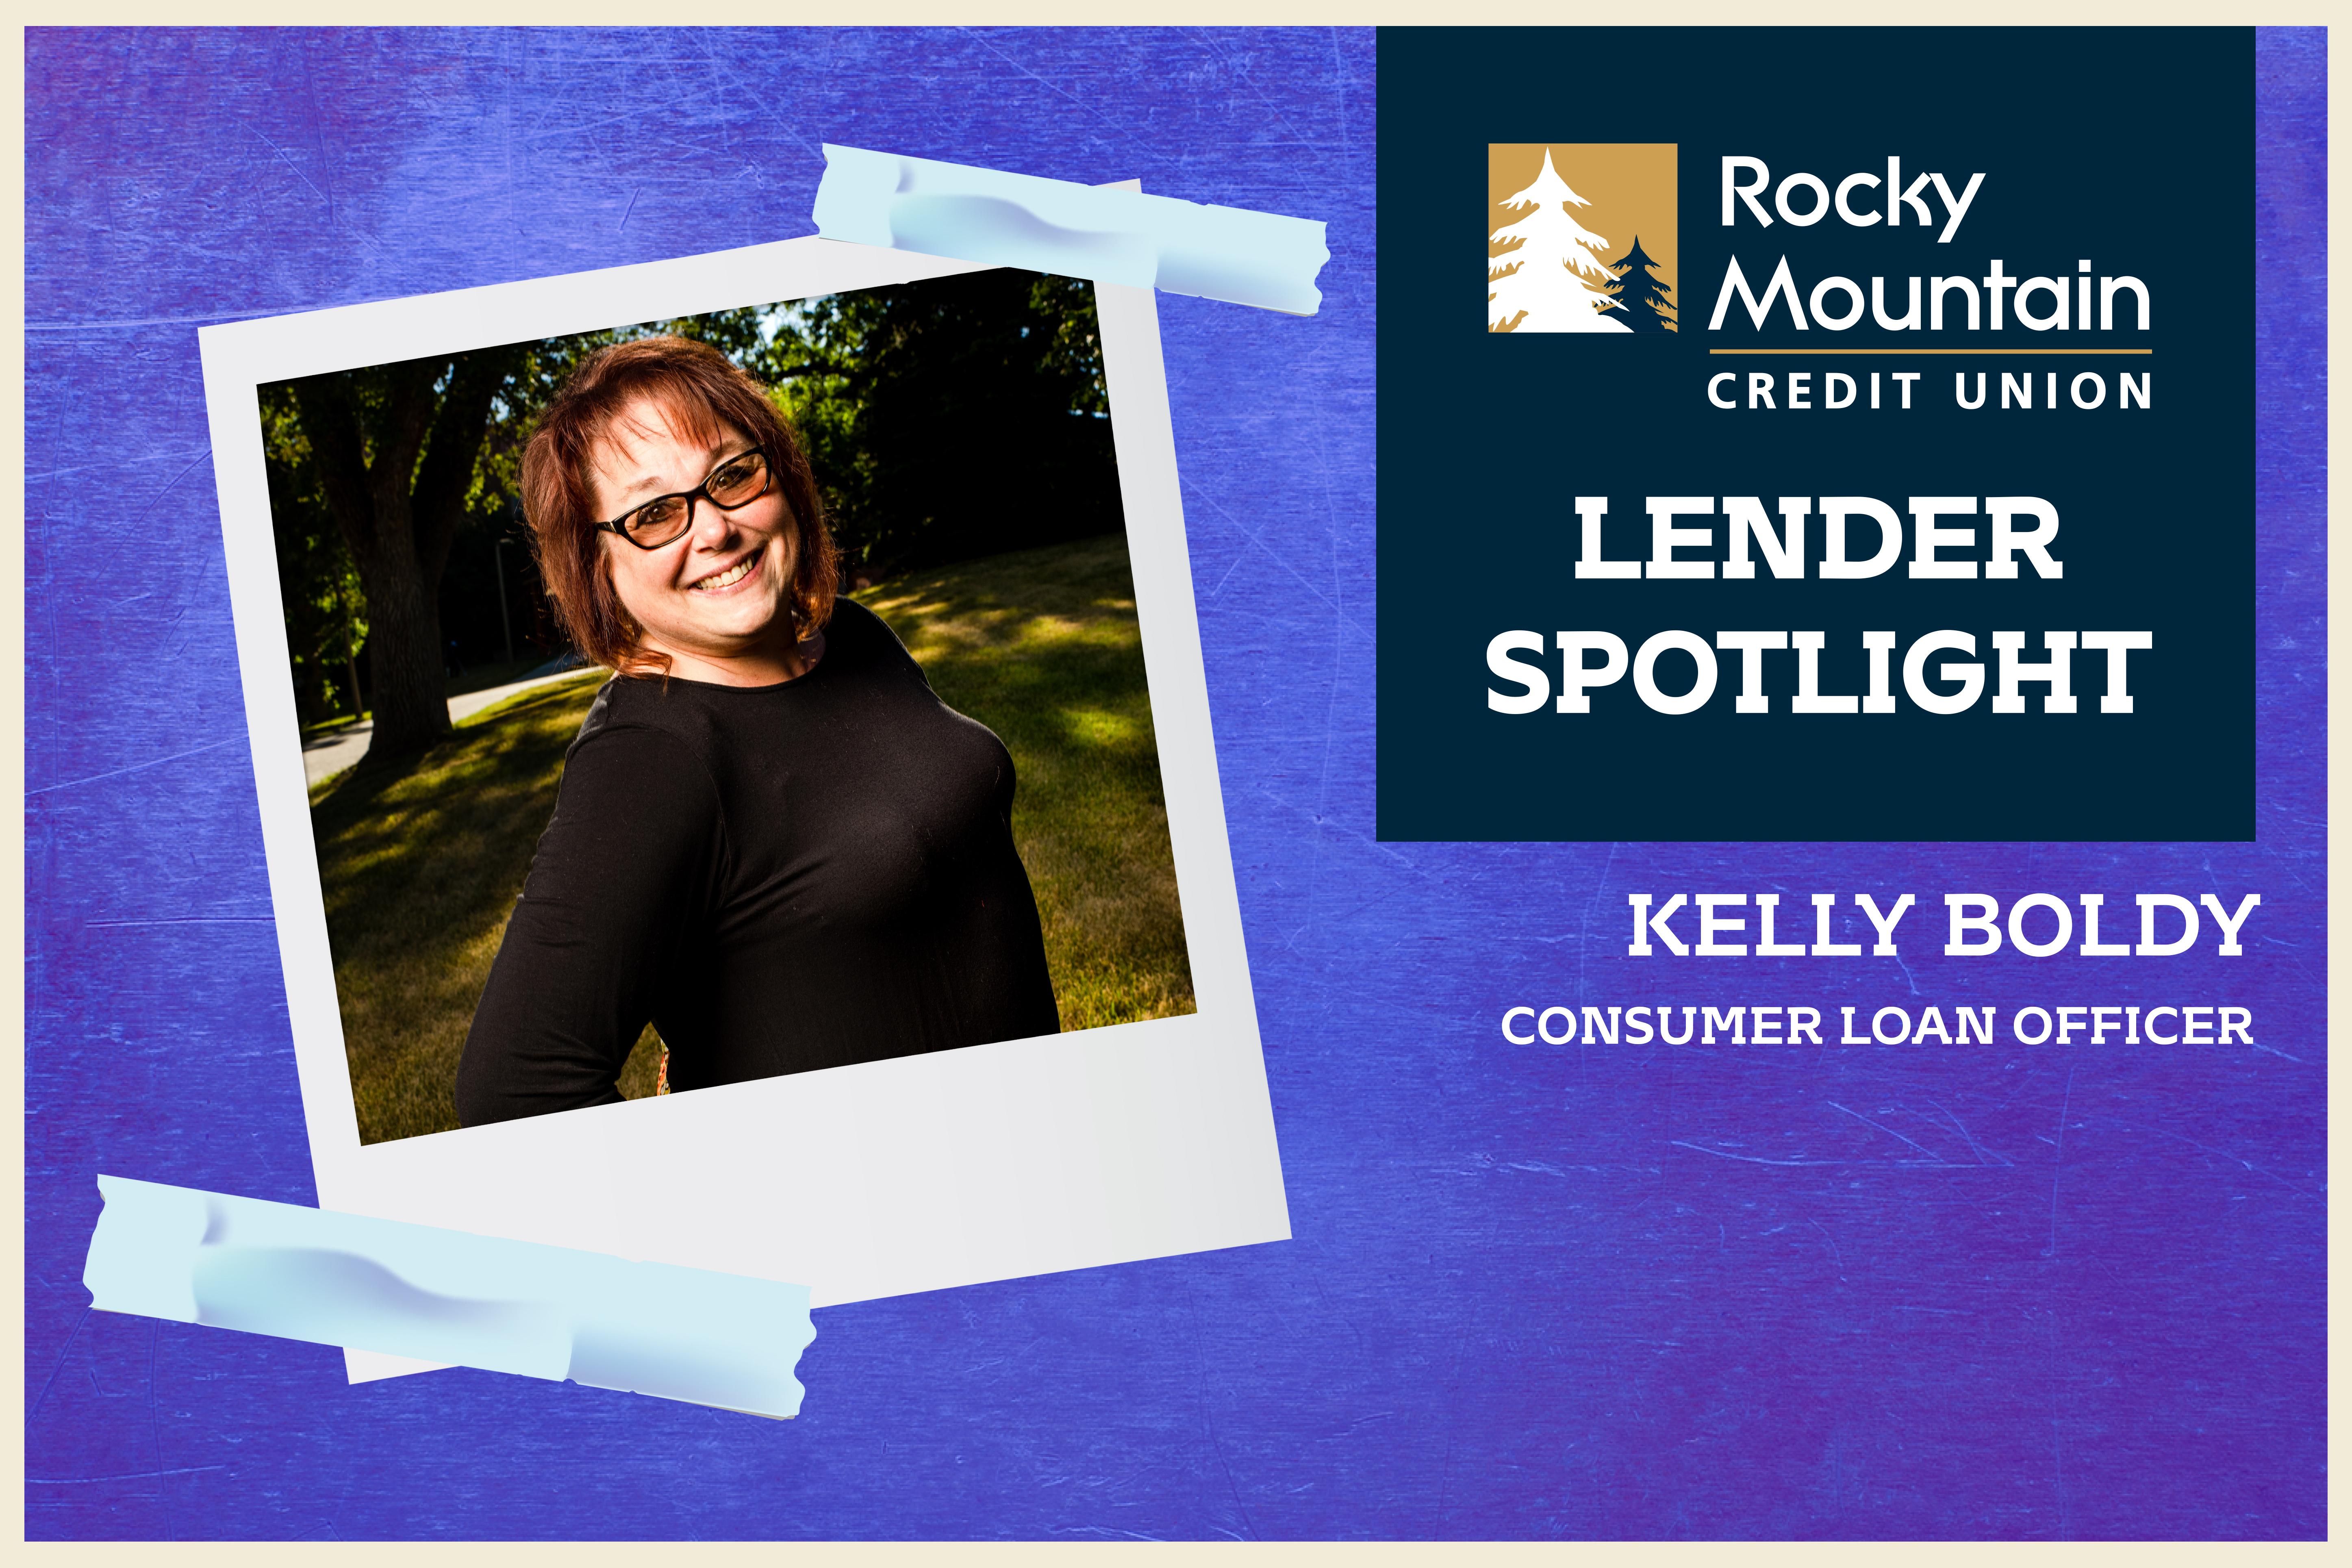 Lender Spotlight: Kelly Boldy